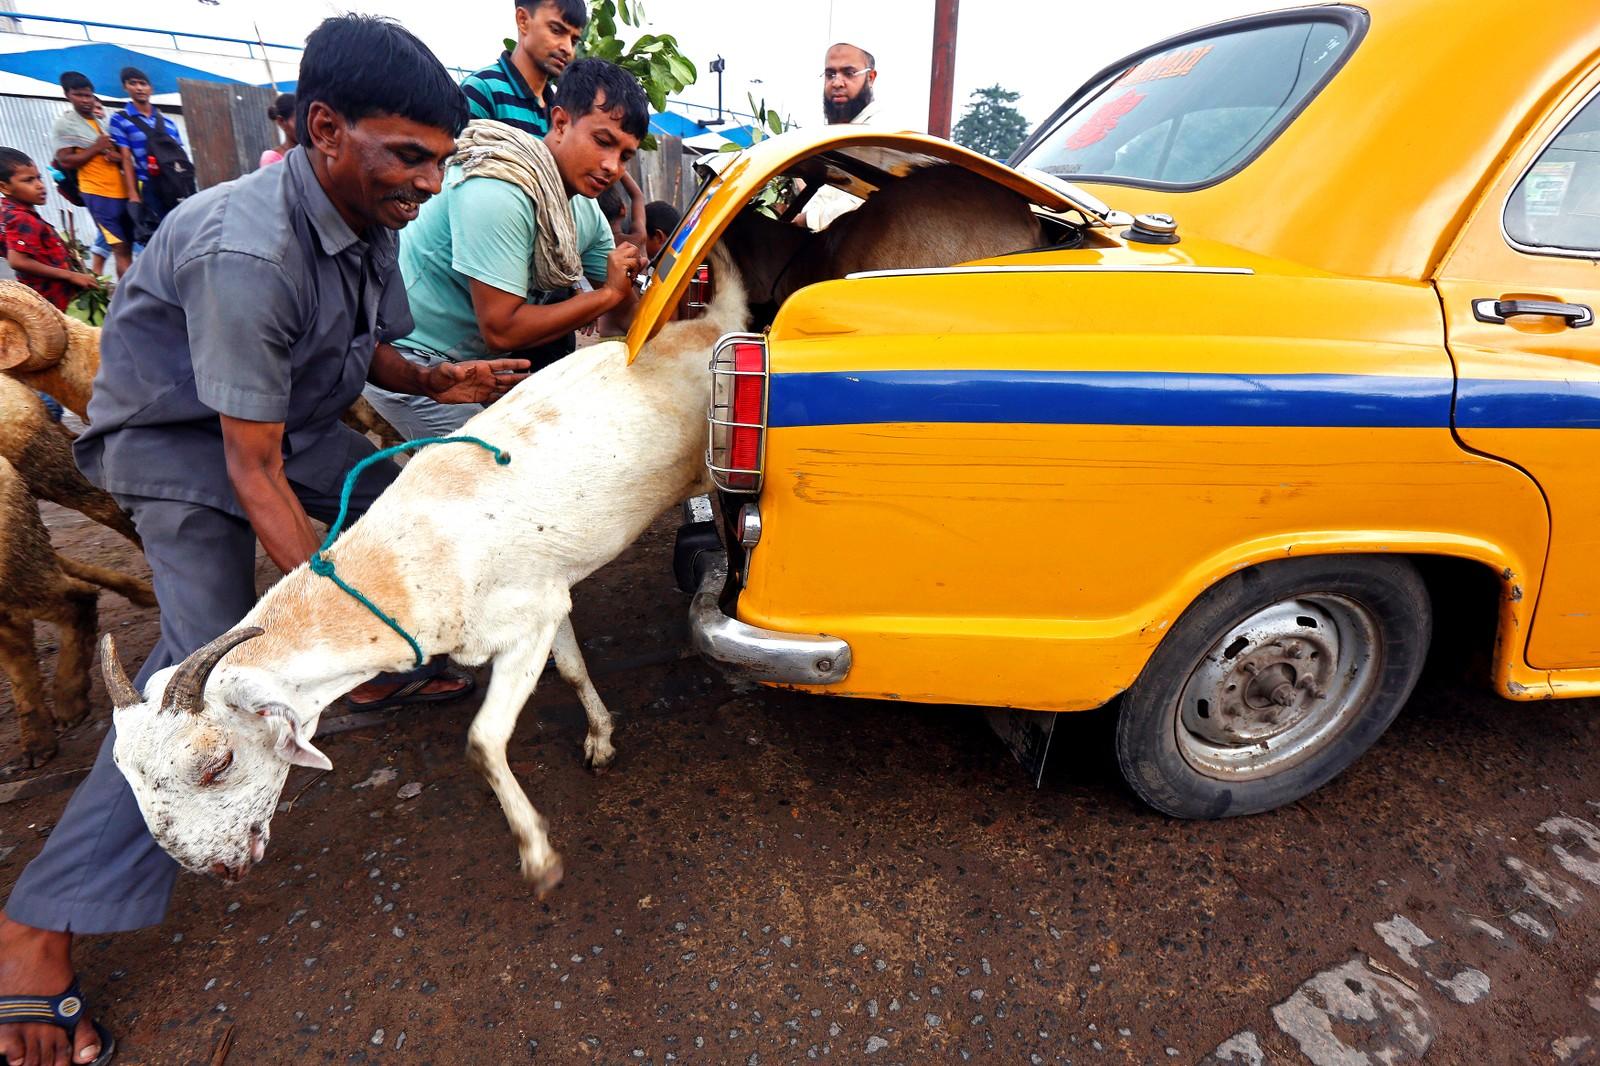 En geit forsøker forståelig nok å rømme fra bagasjerommet til en drosje. Geita har nettopp blitt kjøpt på et marked i Kolkata i India den 8. september.